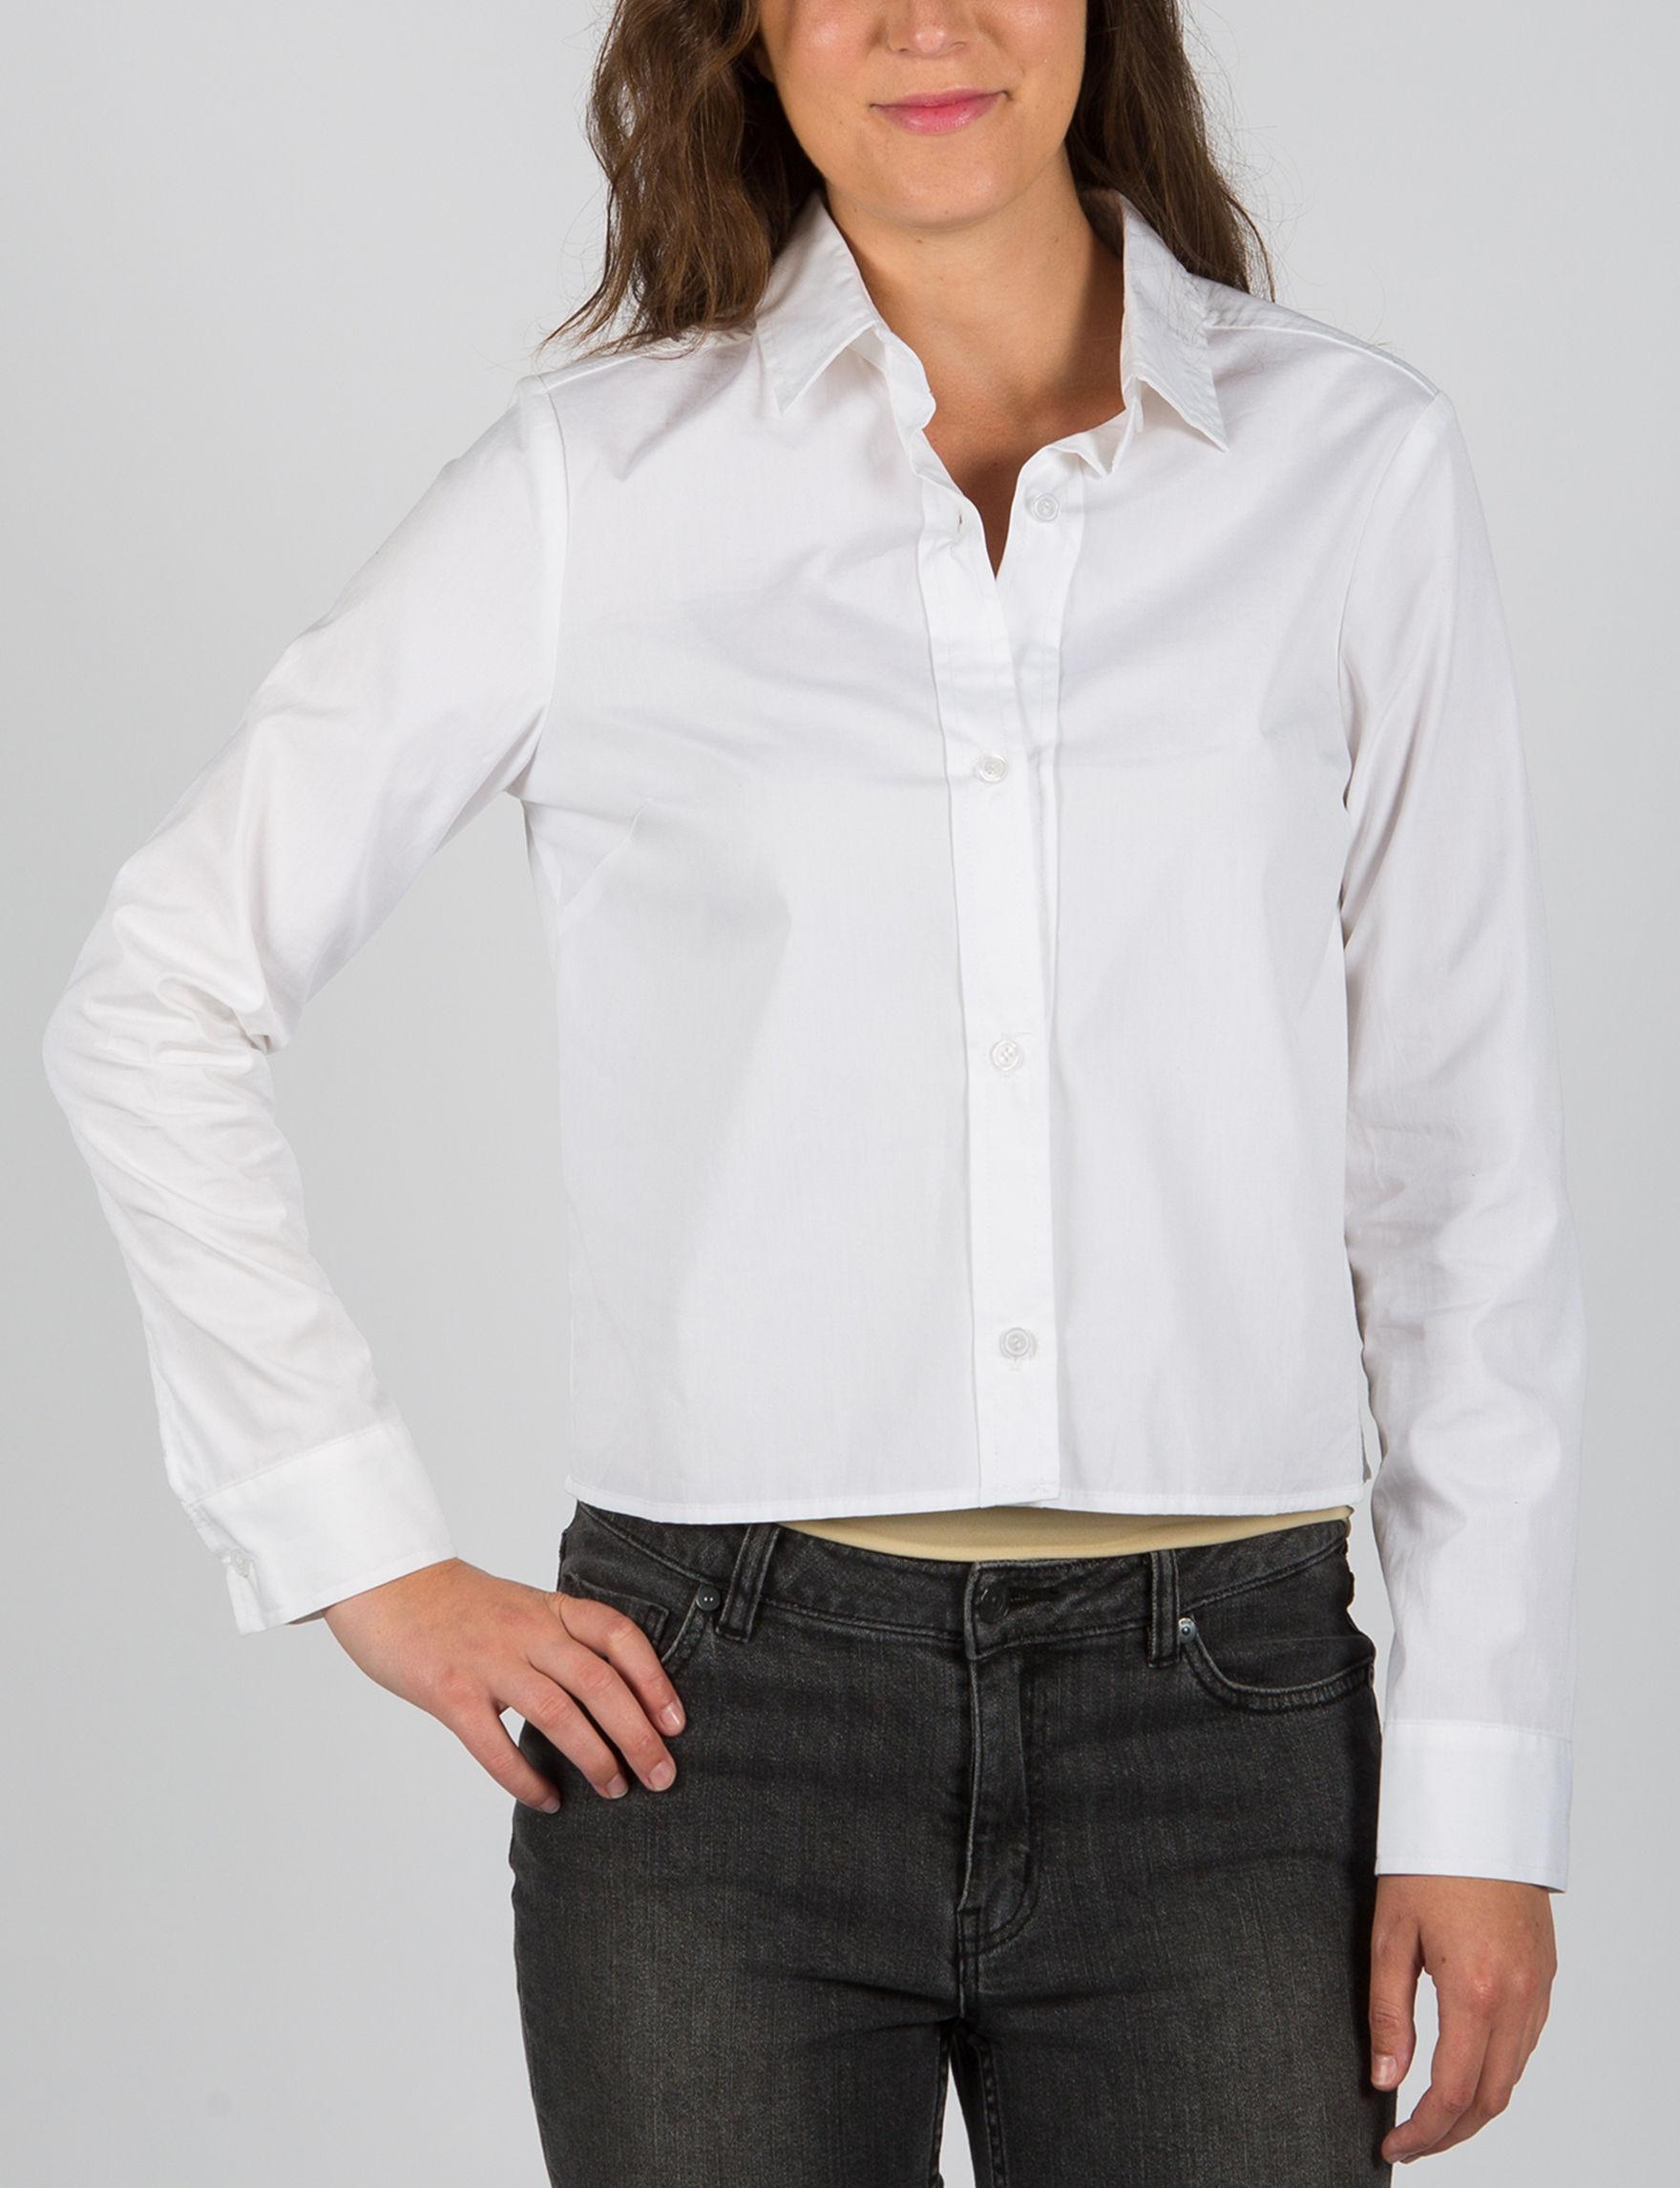 ABS by Allen Schwartz White Shirts & Blouses Strapless